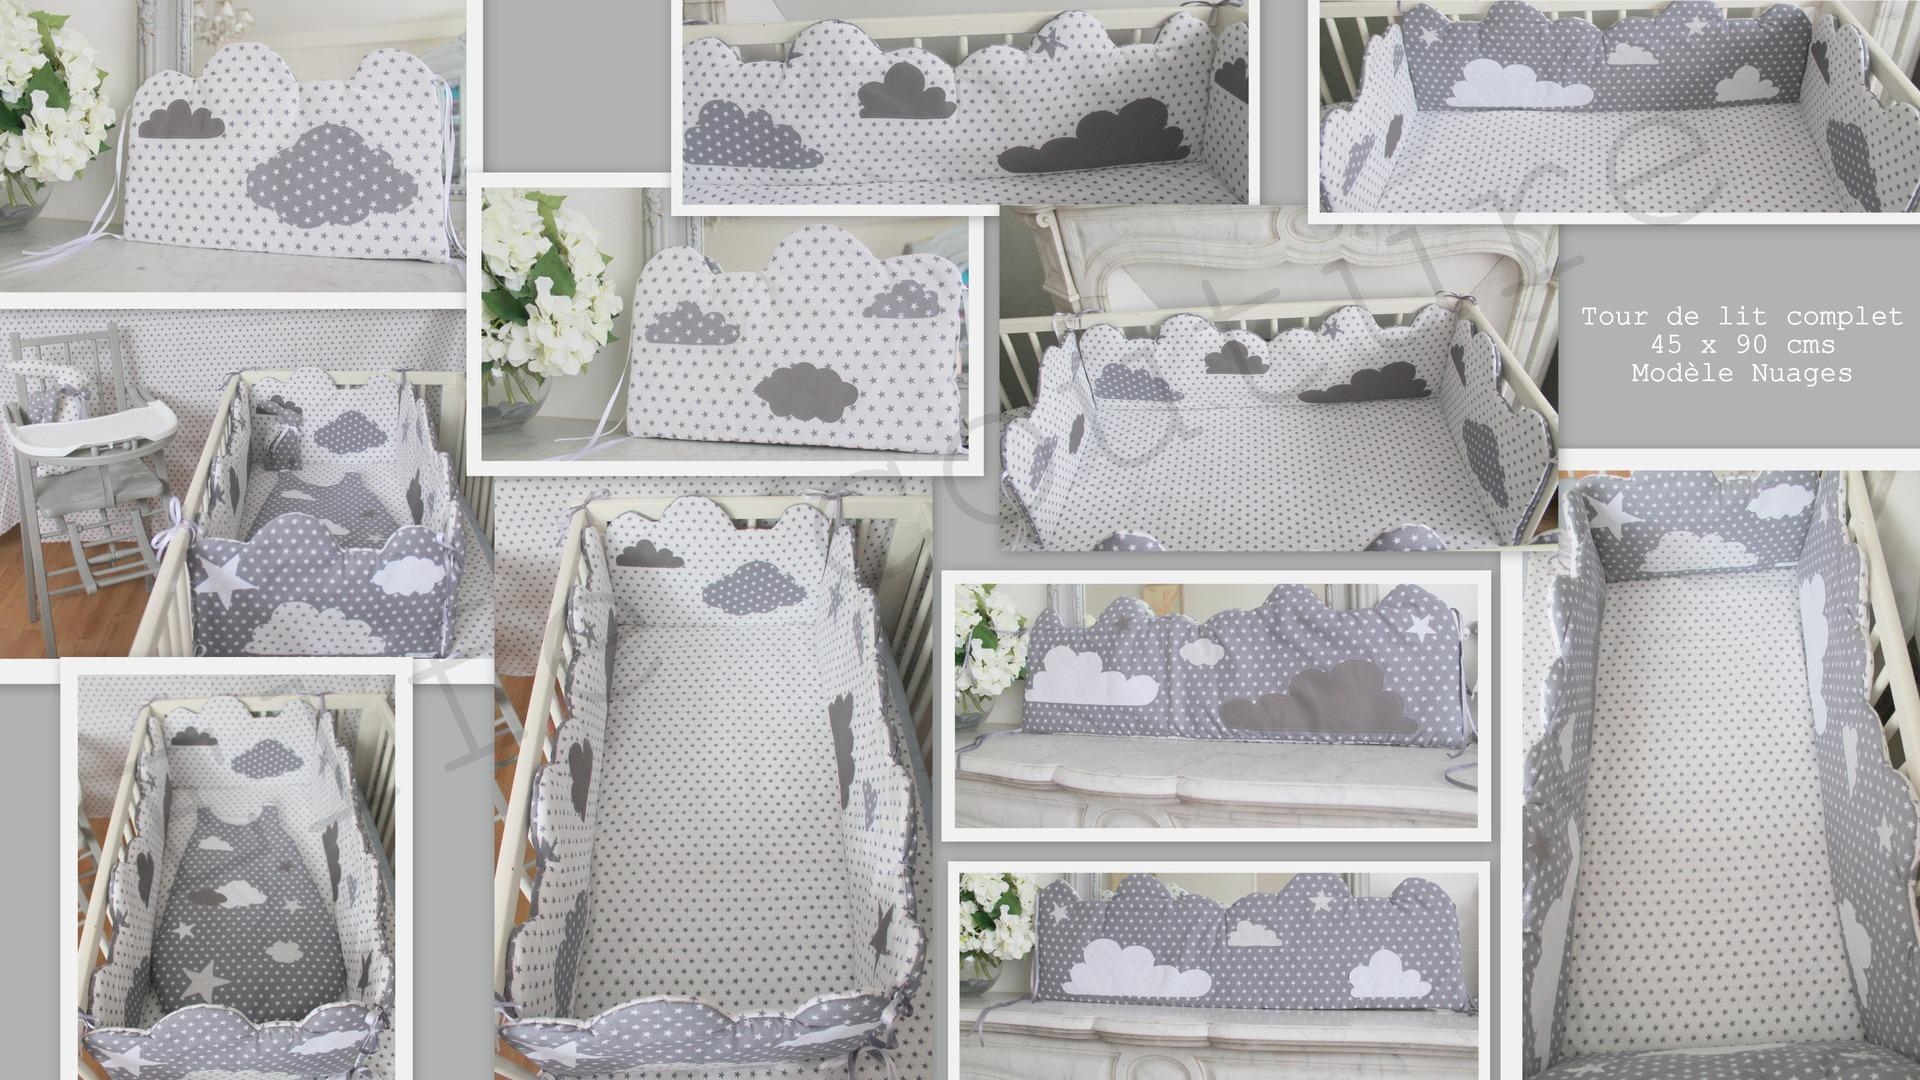 lit enfant complet ouistitipop. Black Bedroom Furniture Sets. Home Design Ideas